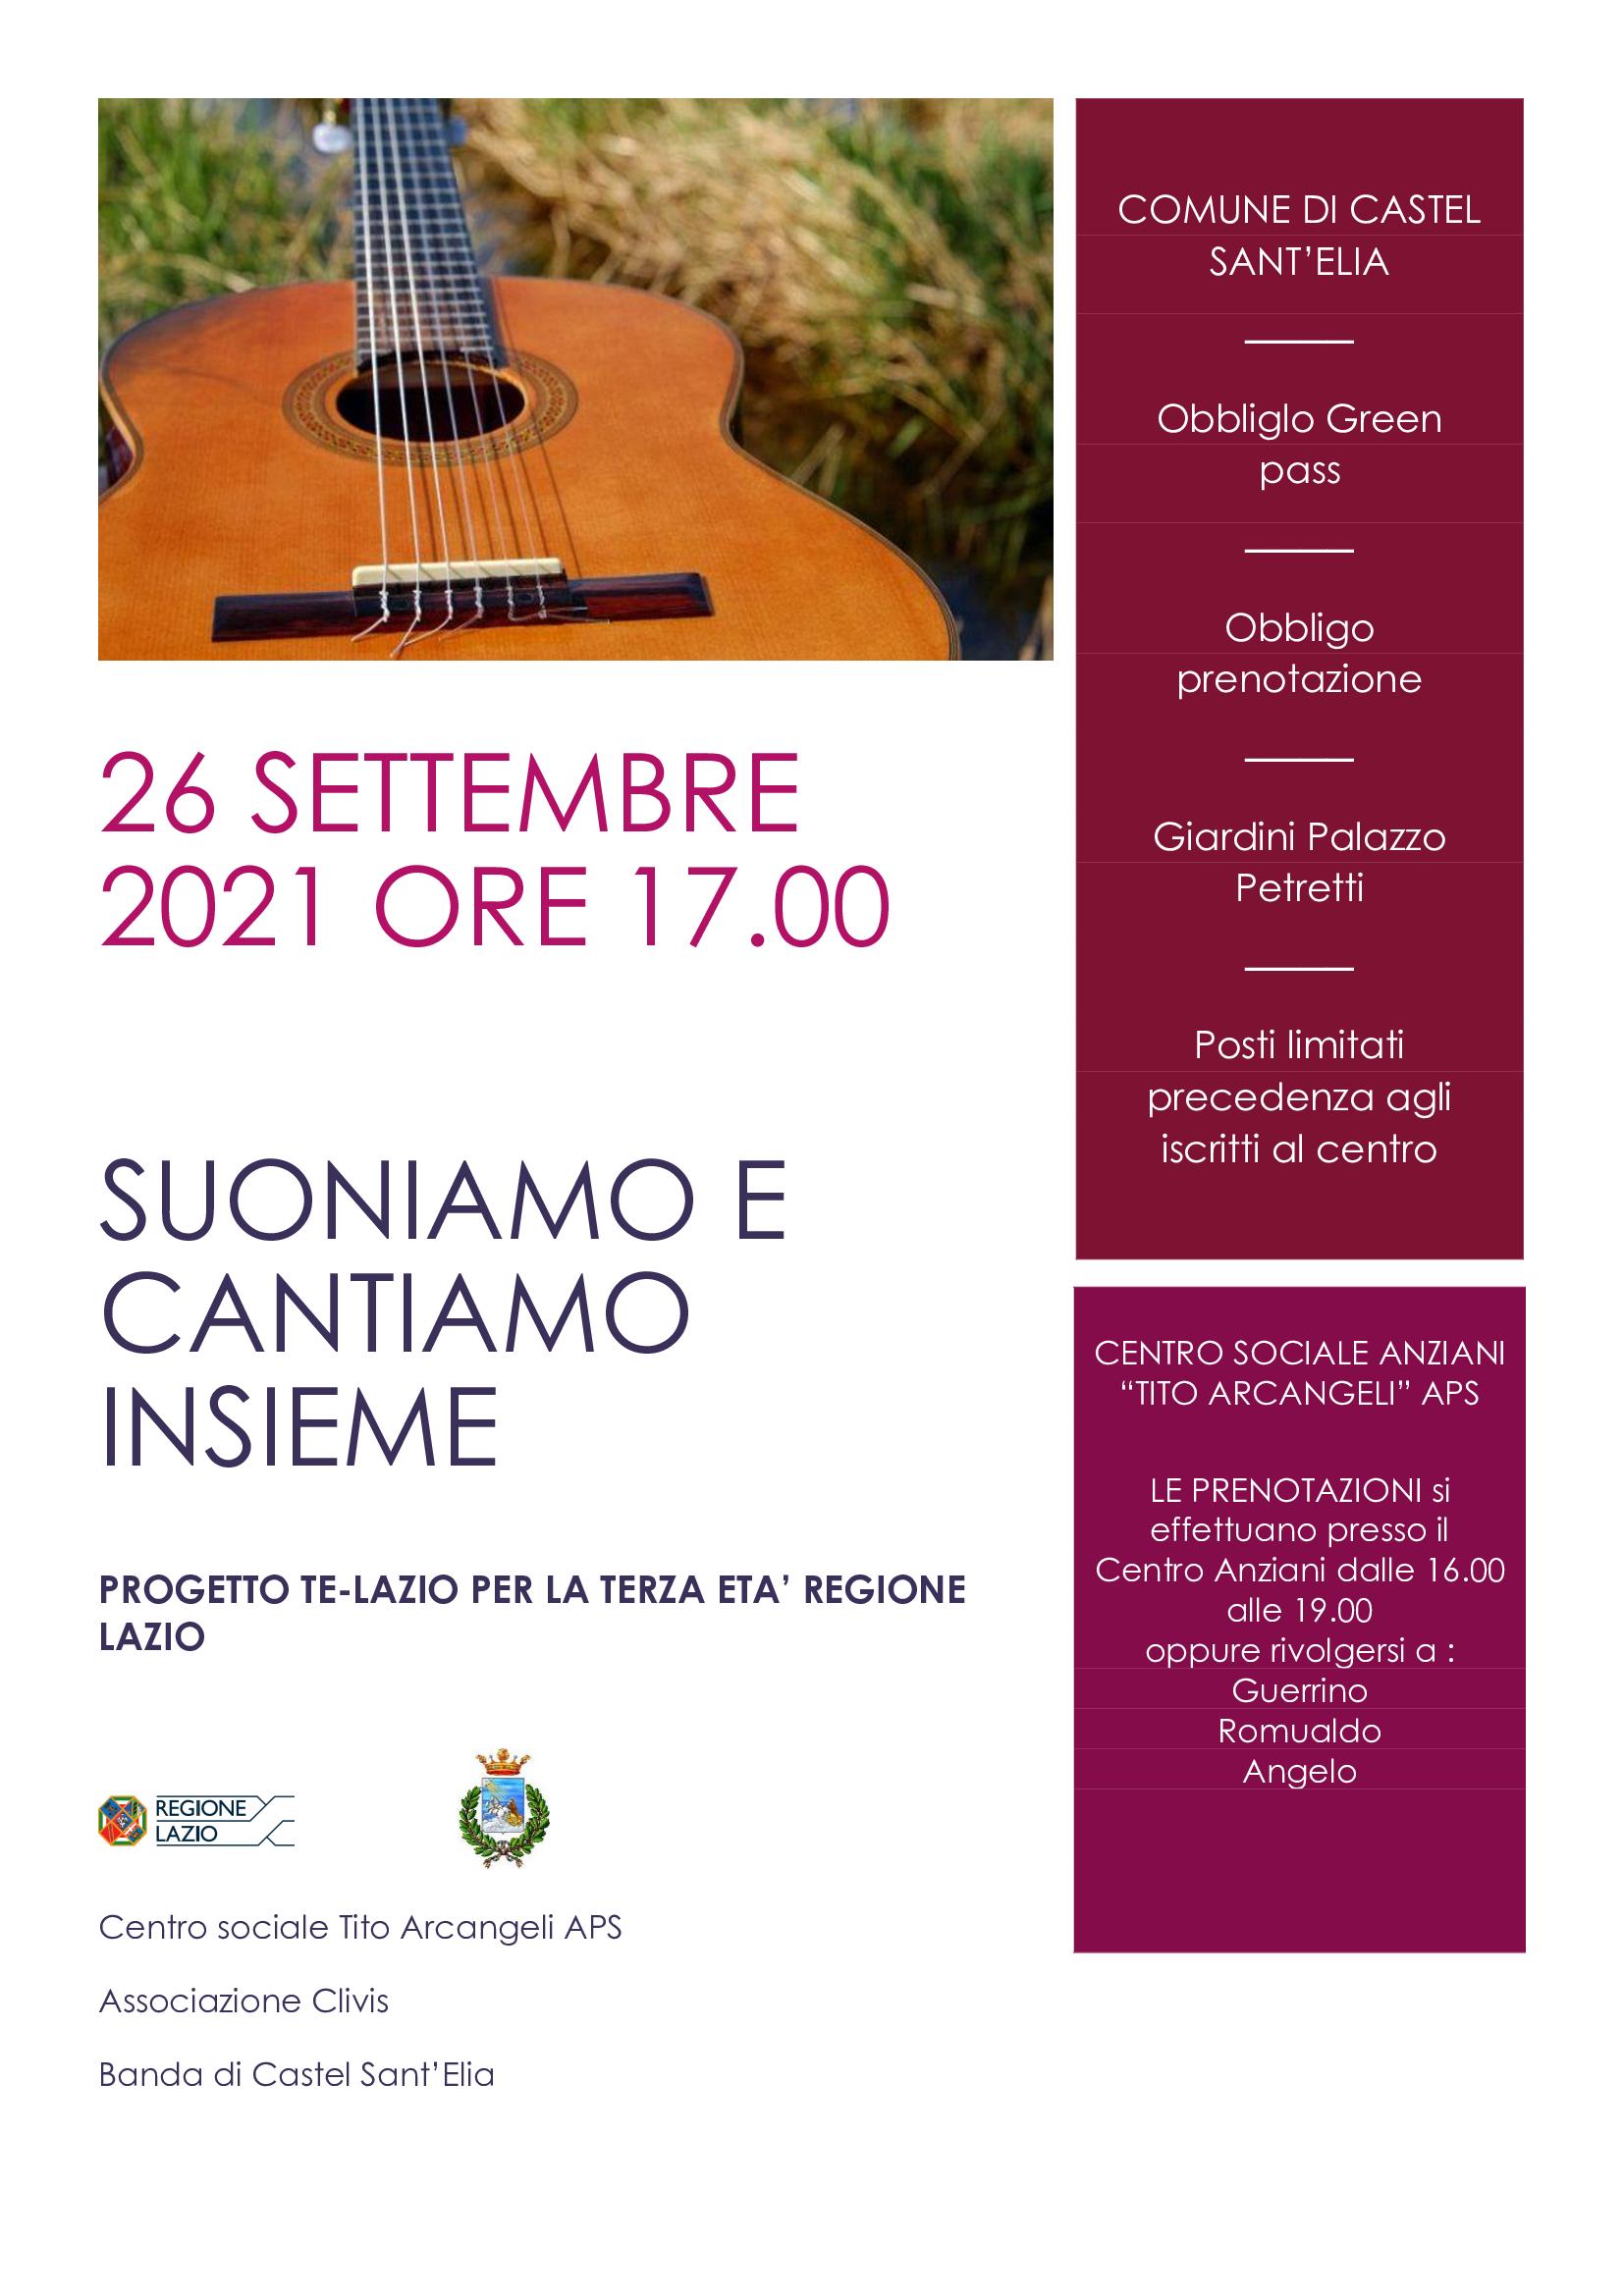 SUONIAMO E CANTIAMO INSIEME 26 SETTEMBRE 17.00